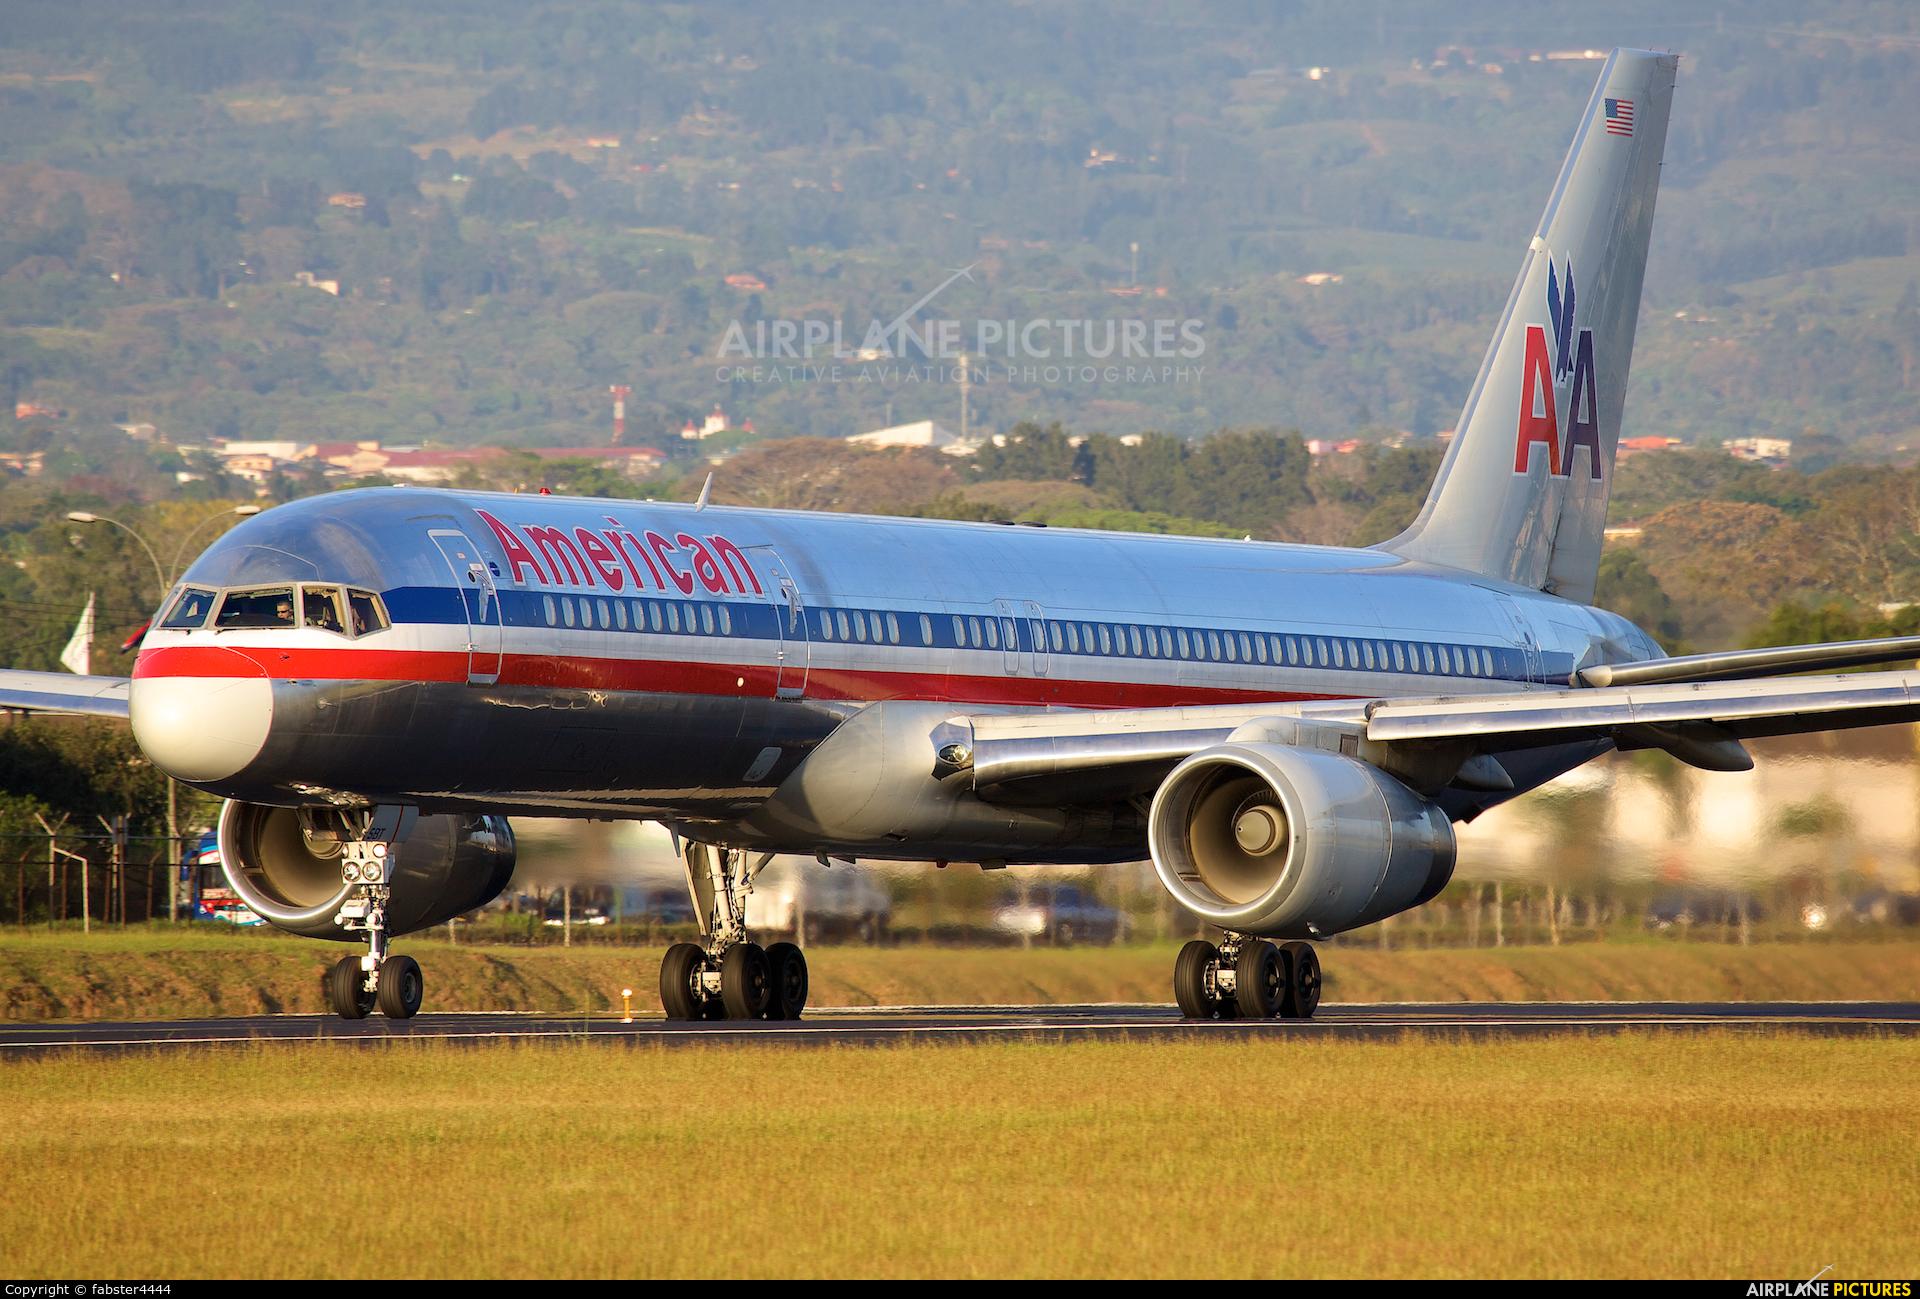 American Airlines N647AM aircraft at San Jose - Juan Santamaría Intl